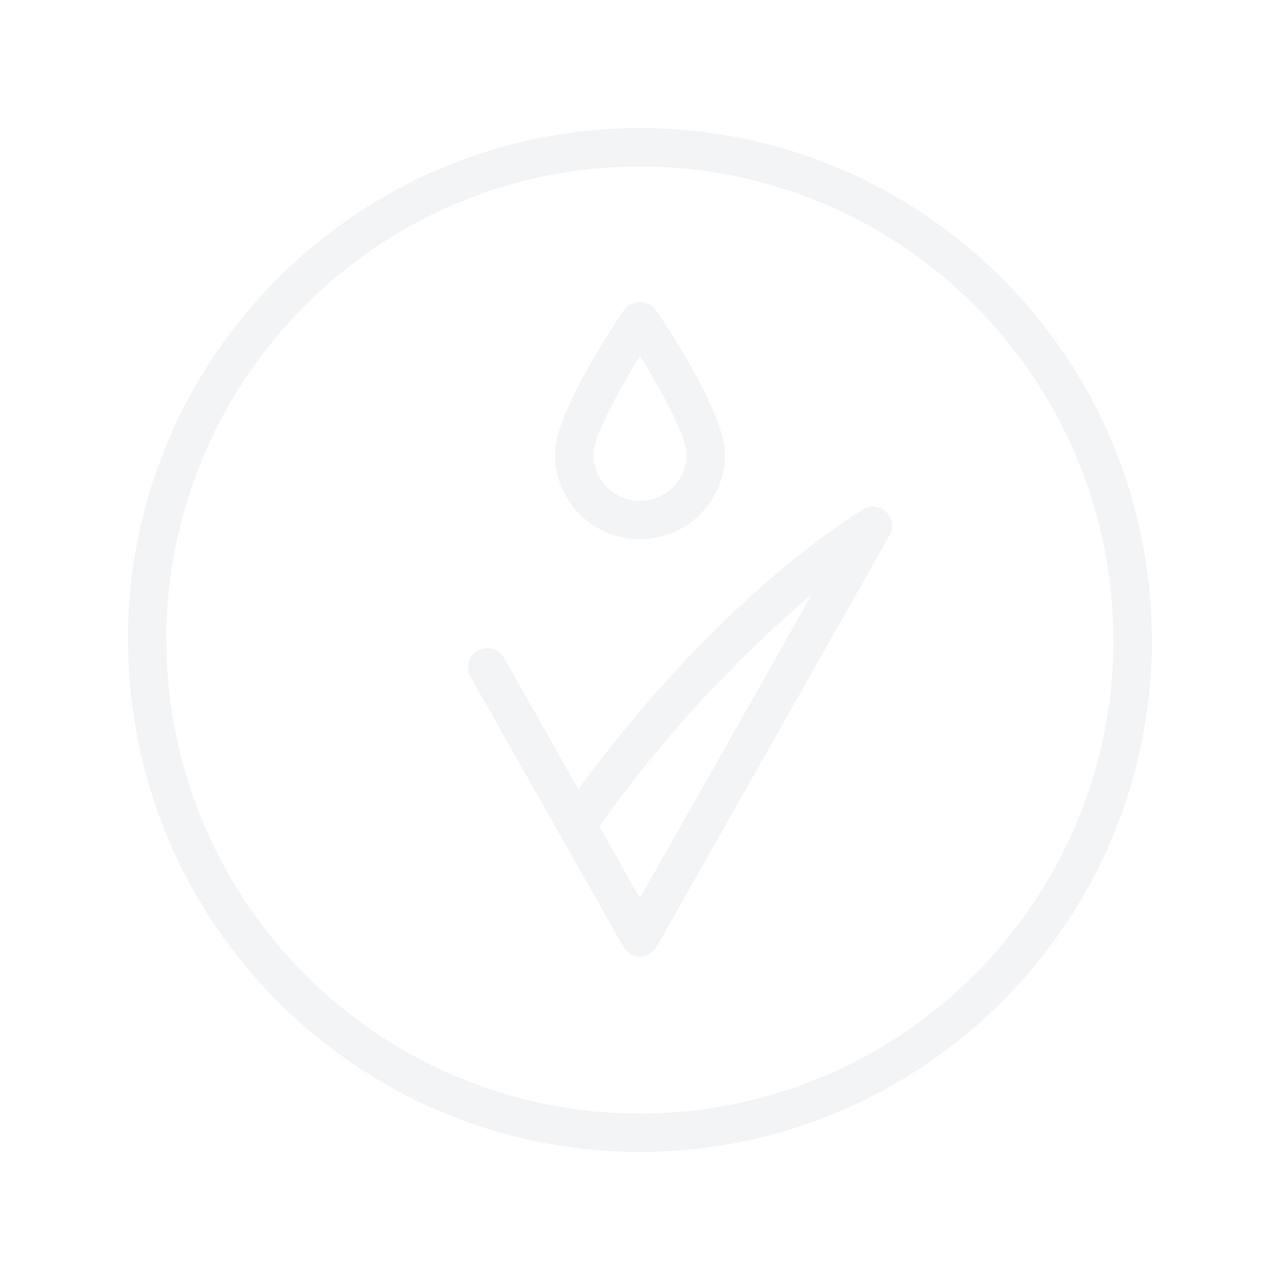 CLINIQUE Even Better Glow Light Reflecting Makeup SPF15 30ml